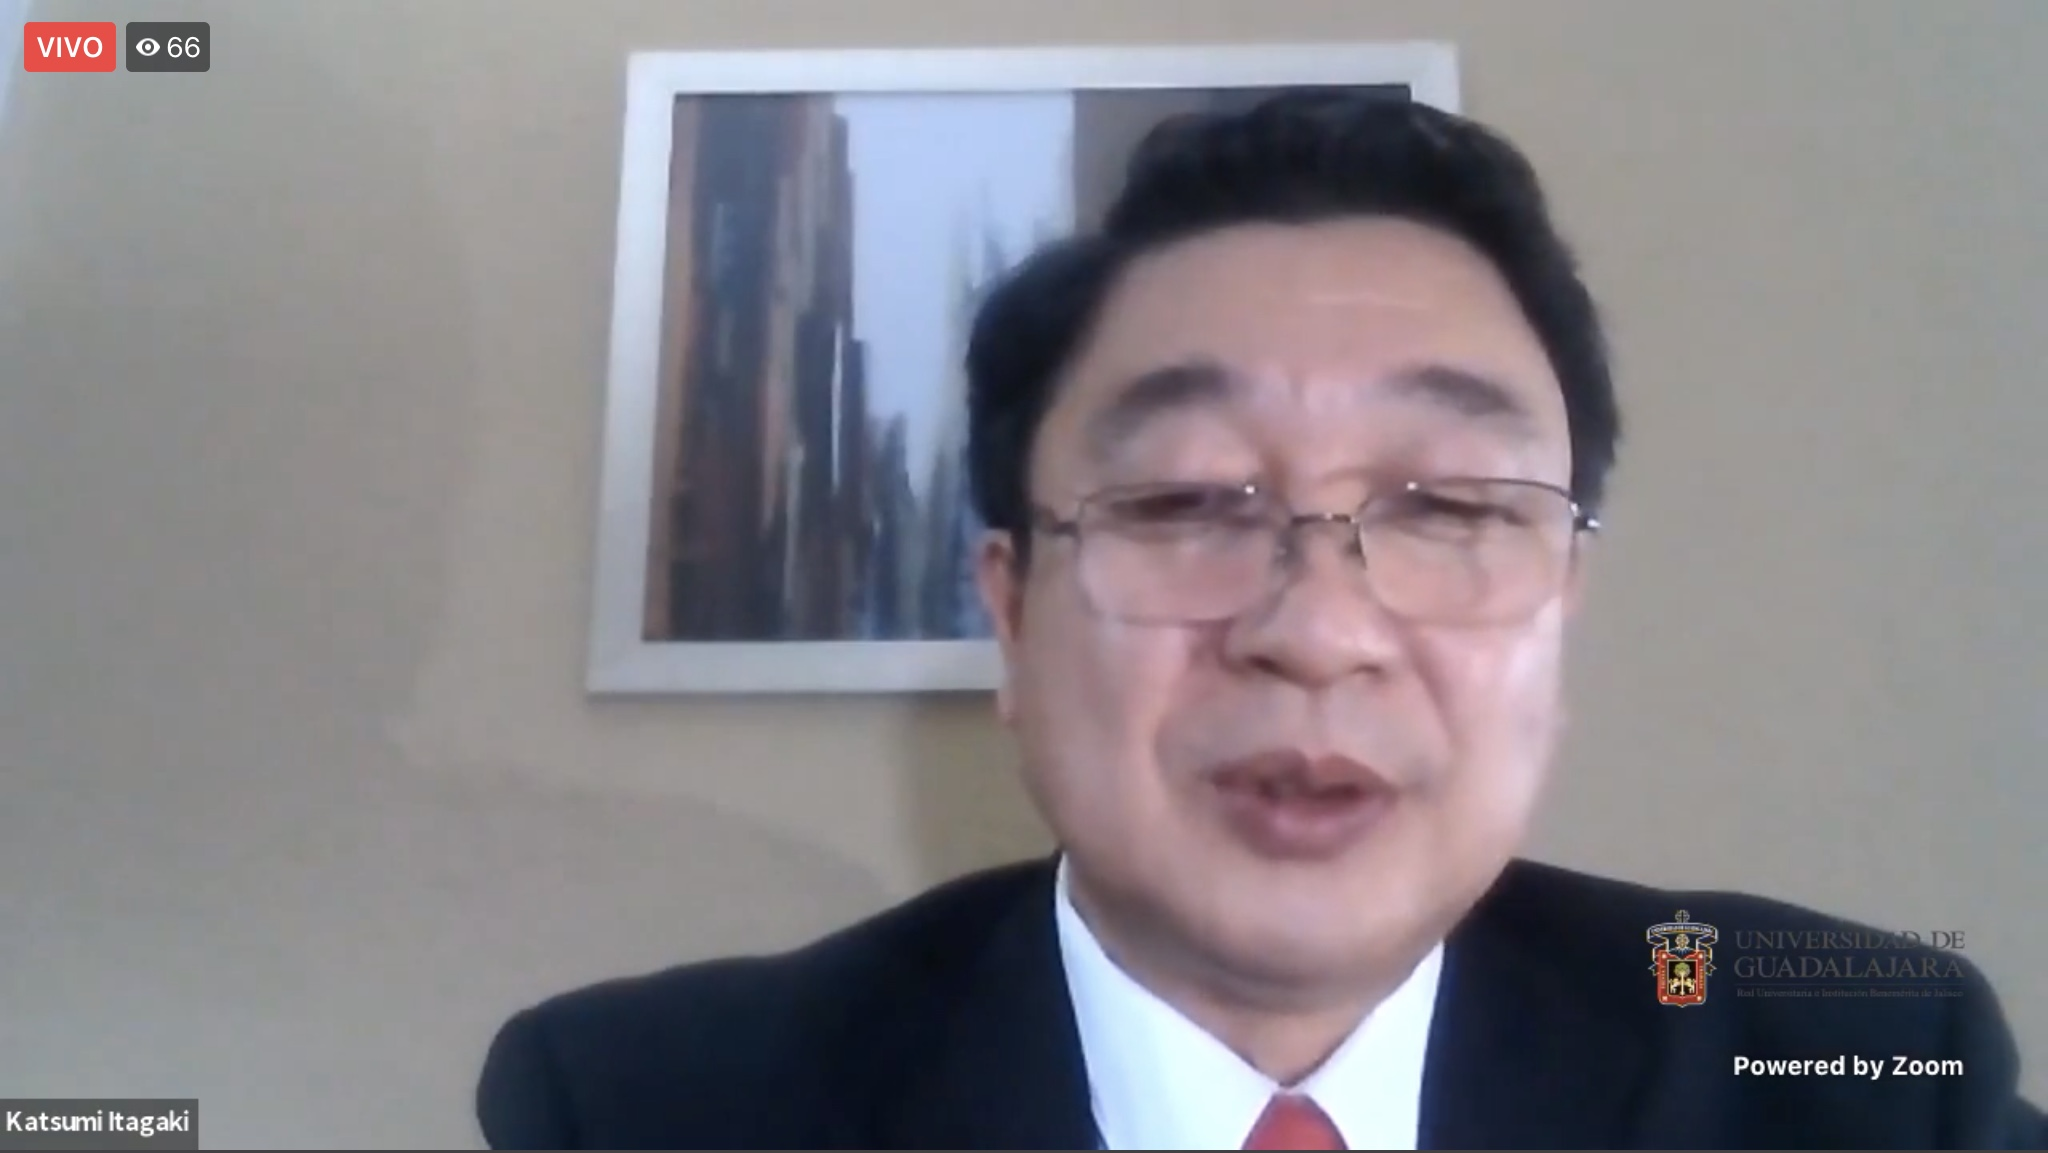 El fondo fue cedido por el doctor Ernesto Kazuhiko Nakagawa, destacado académico mexico-japonés